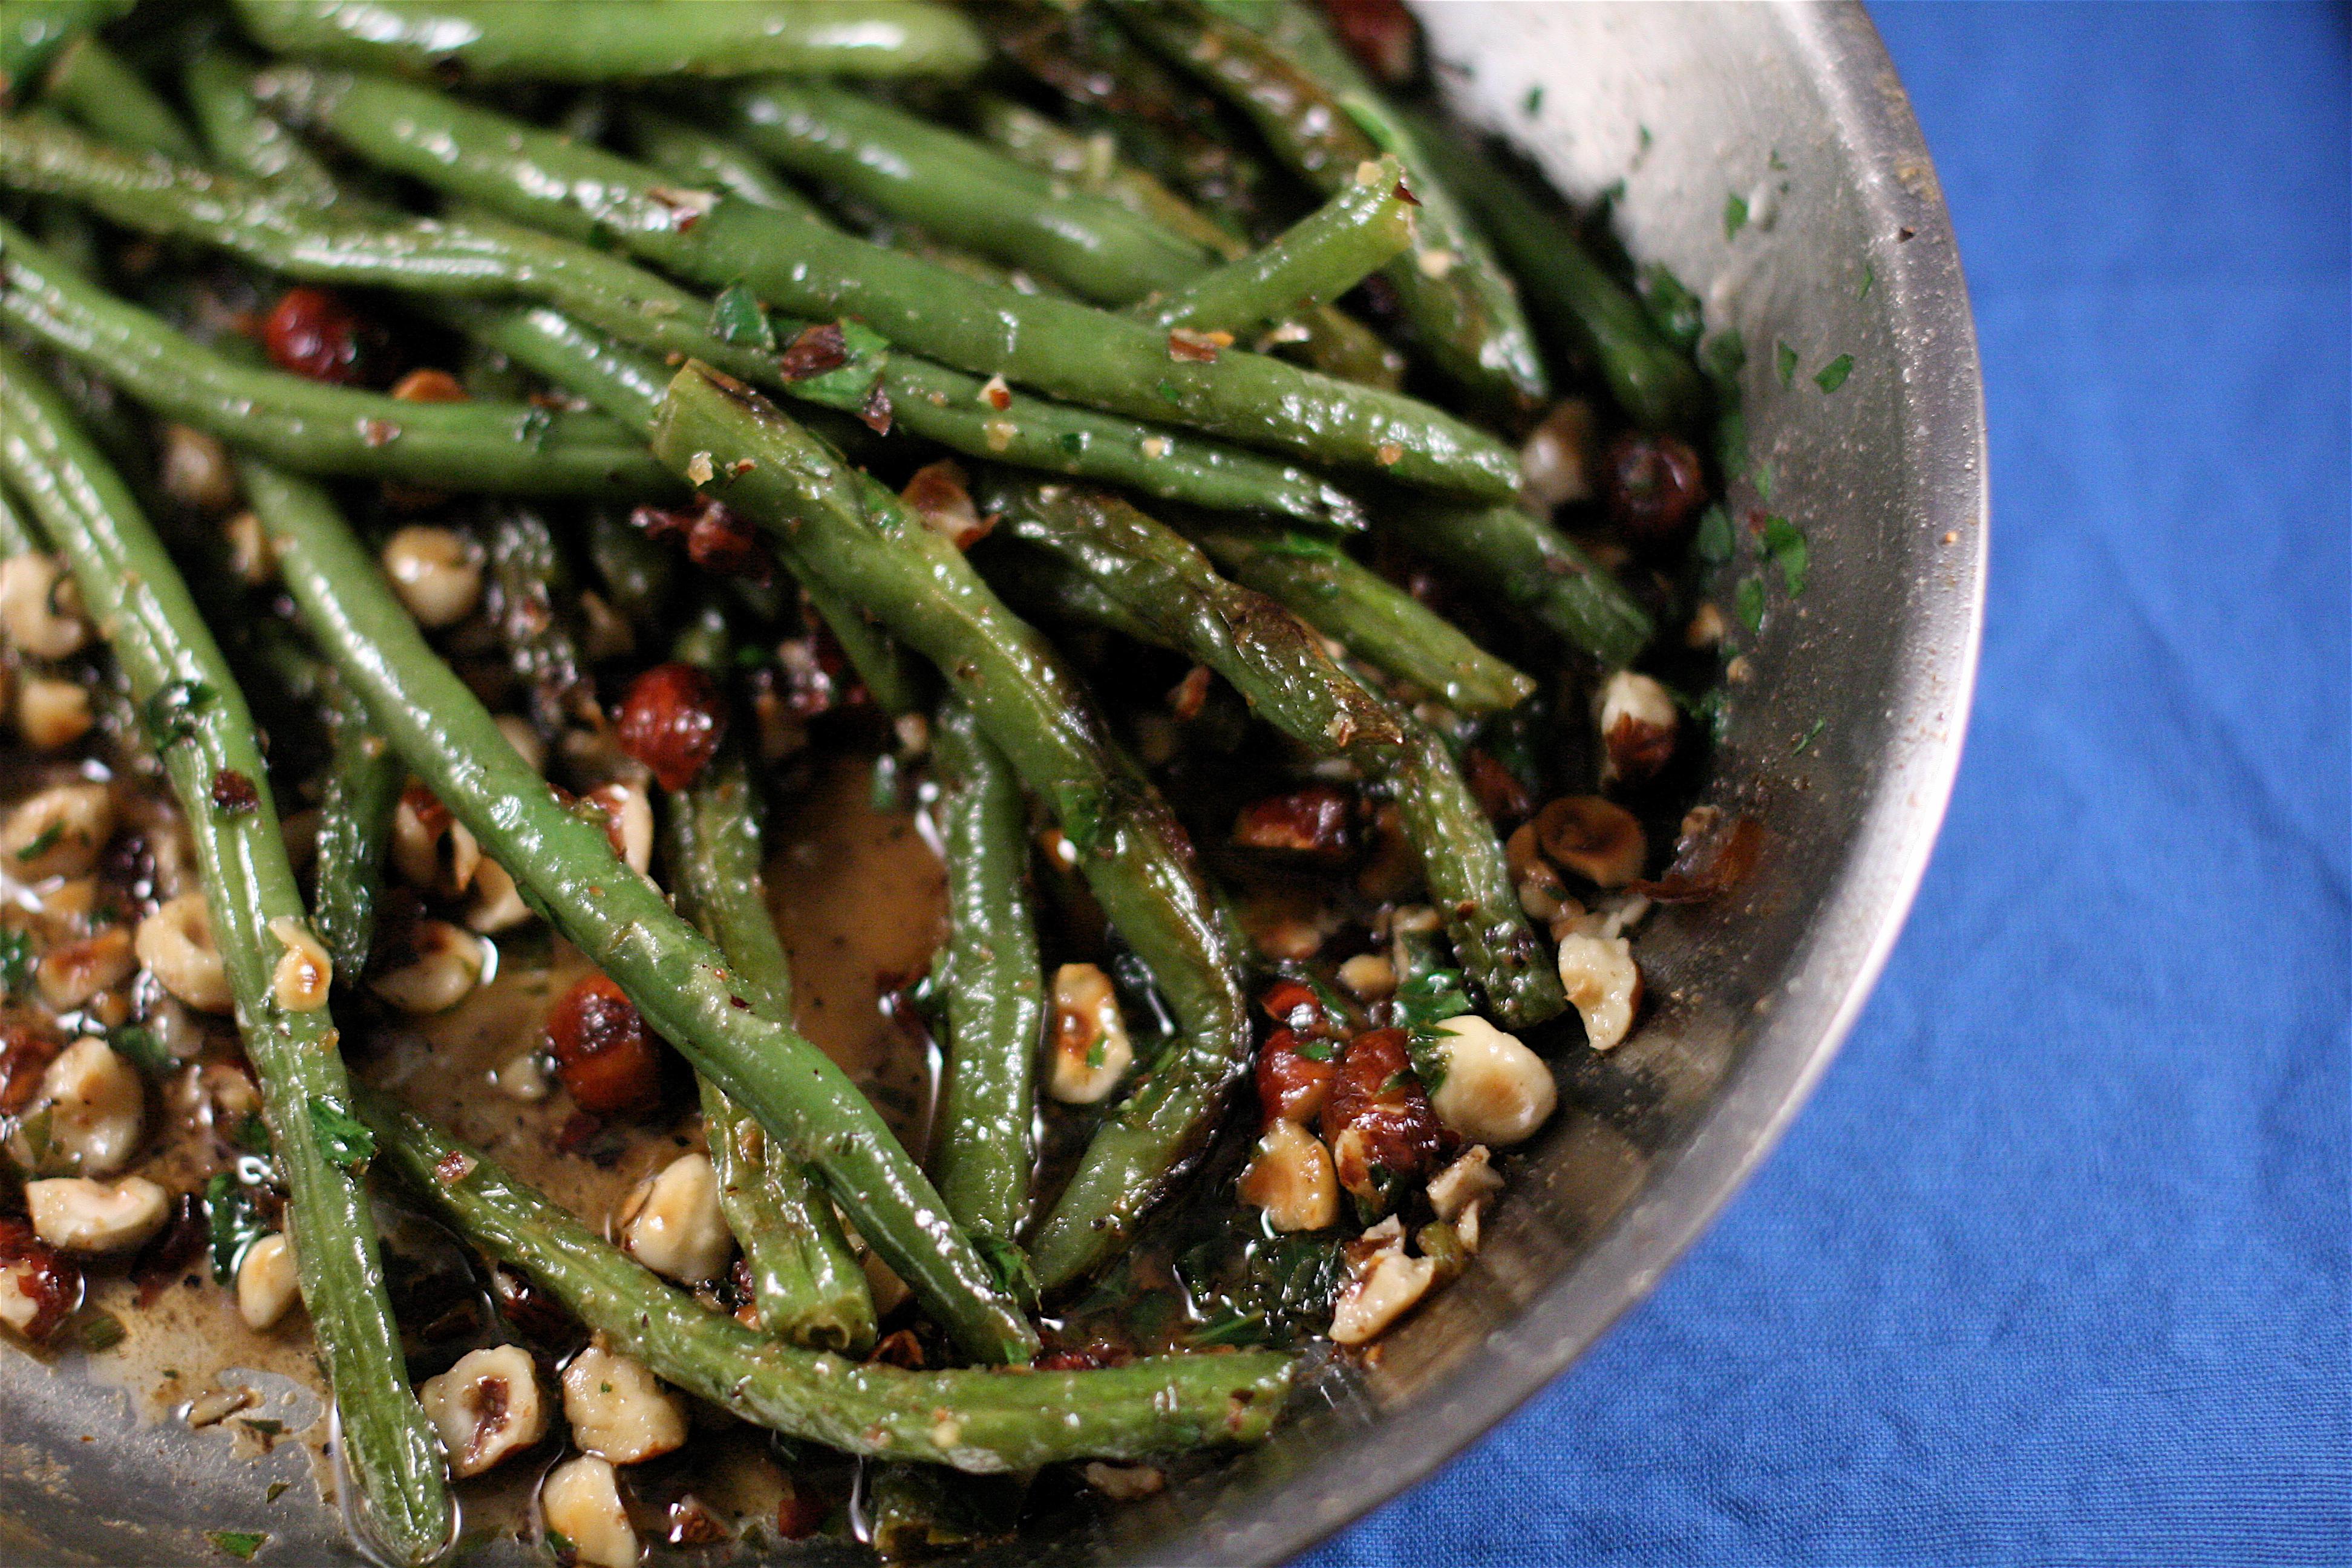 ... beans beans feta cheese salad green bean salad with feta bean recipes